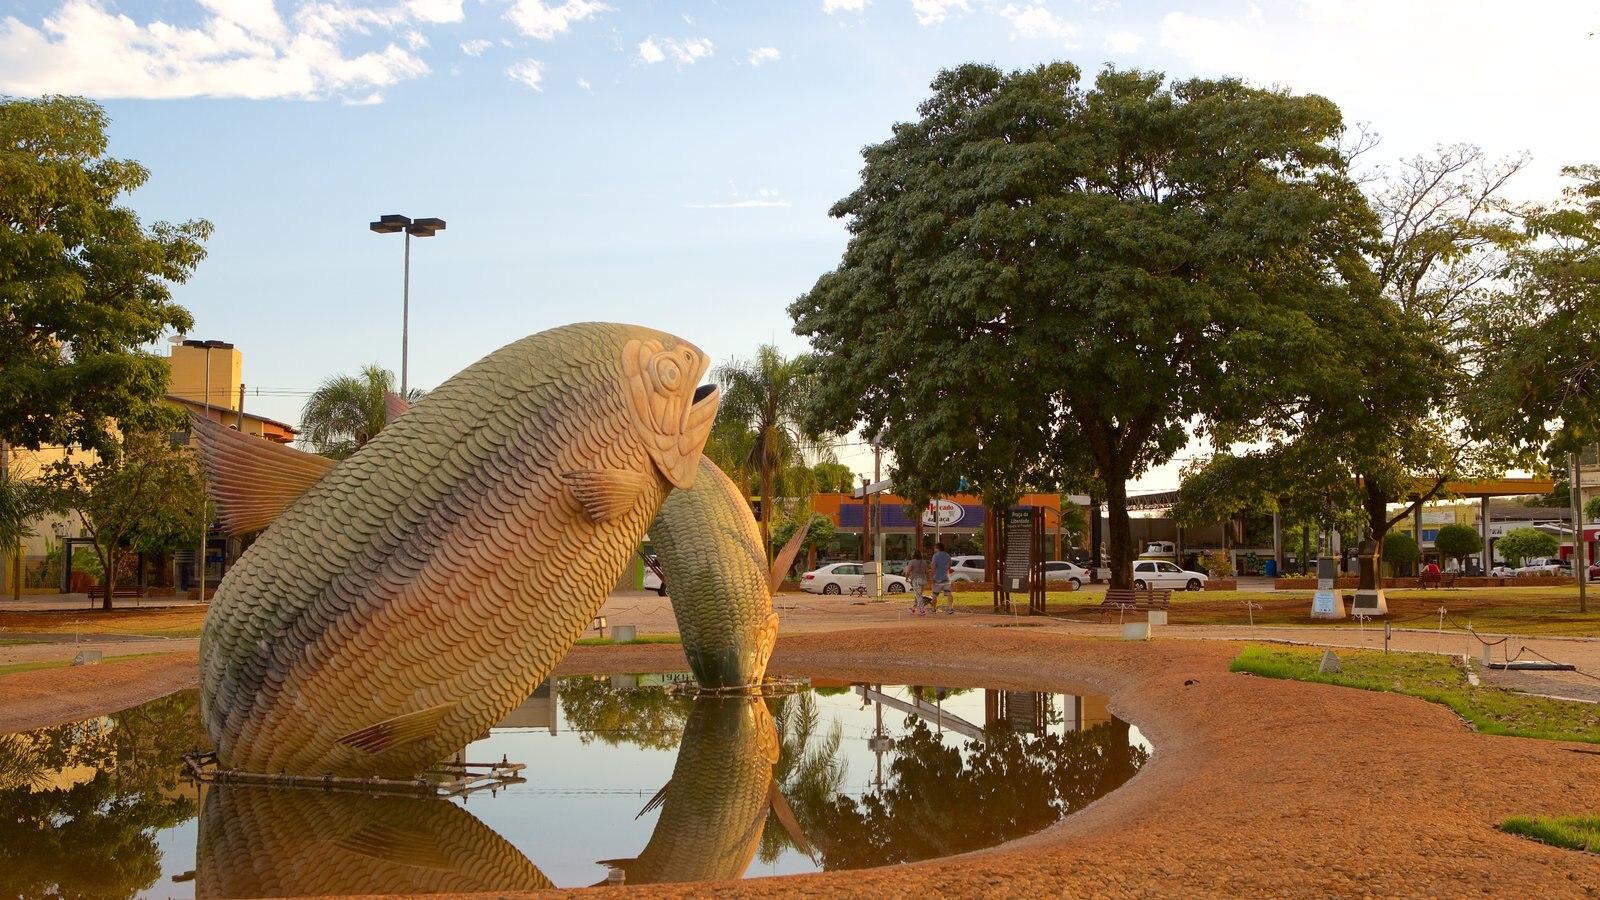 Praça Pública caracterizando um parque e uma estátua ou escultura